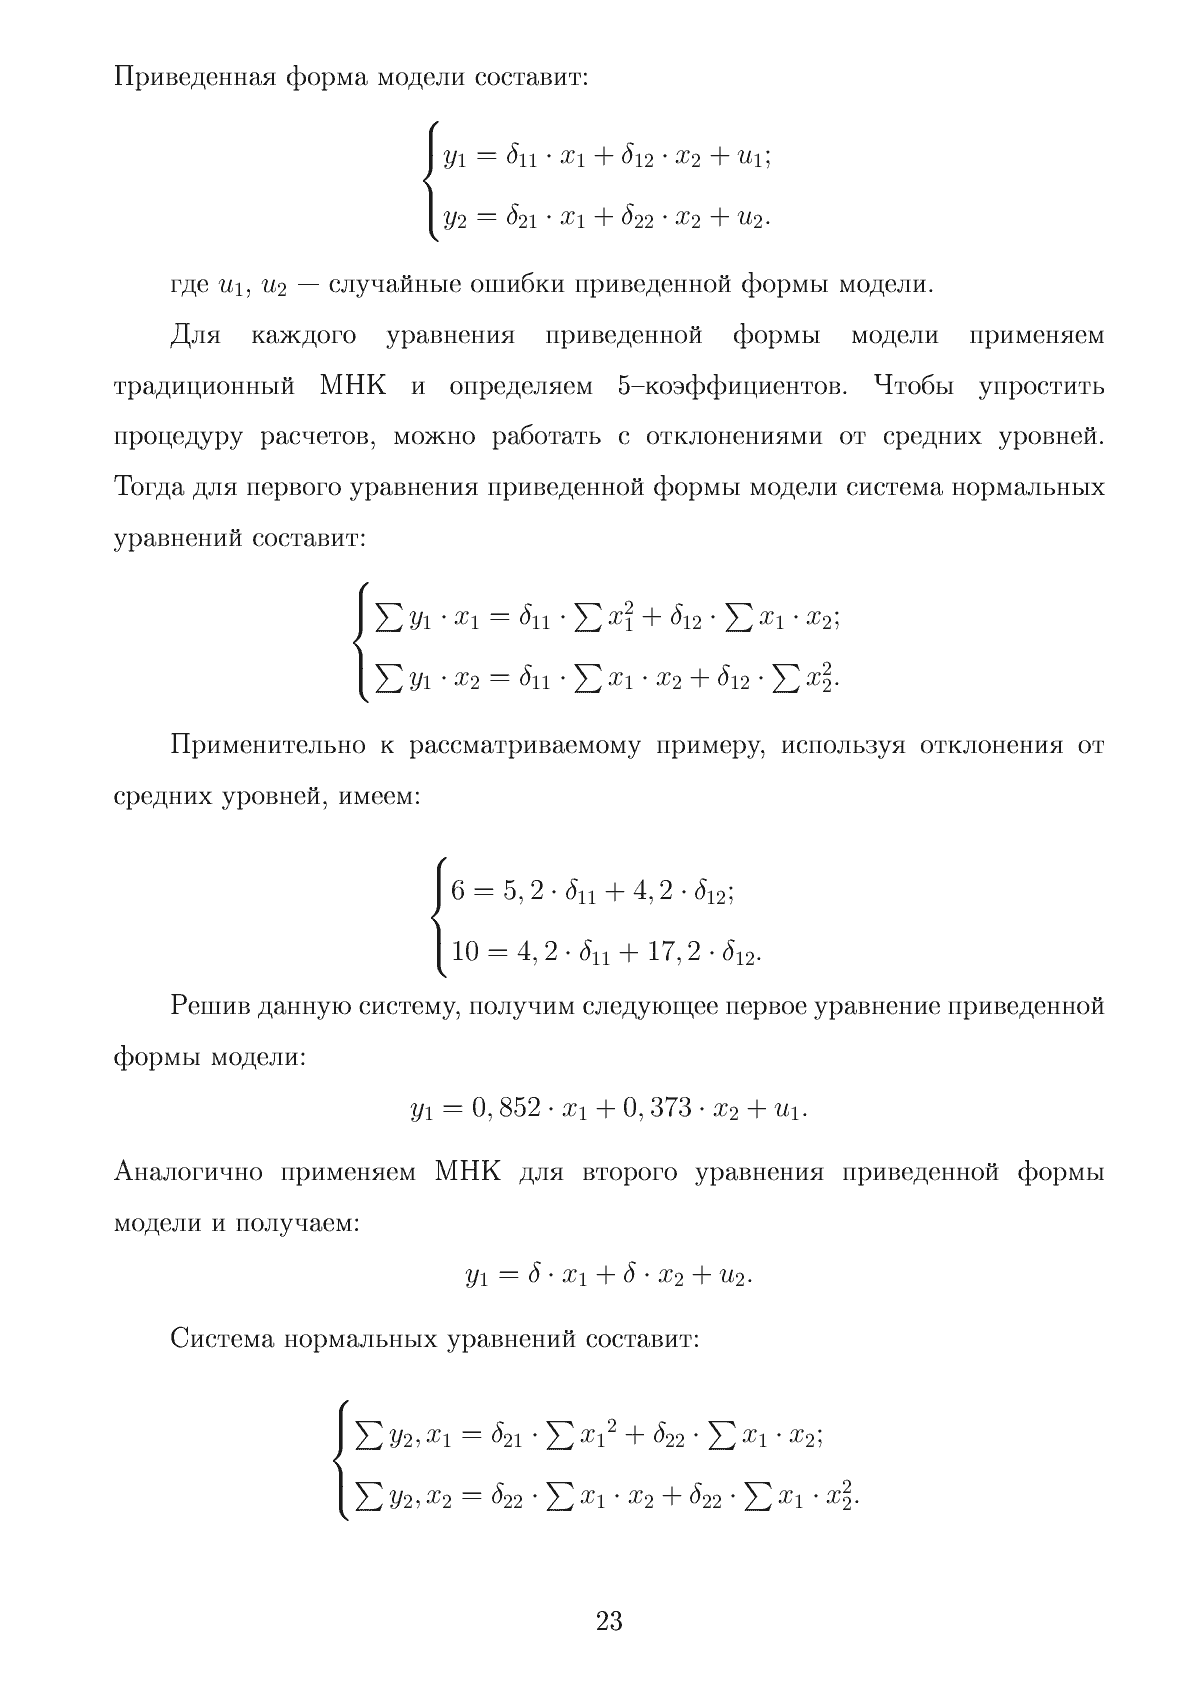 Экспериментальная часть в дипломной работе 8621